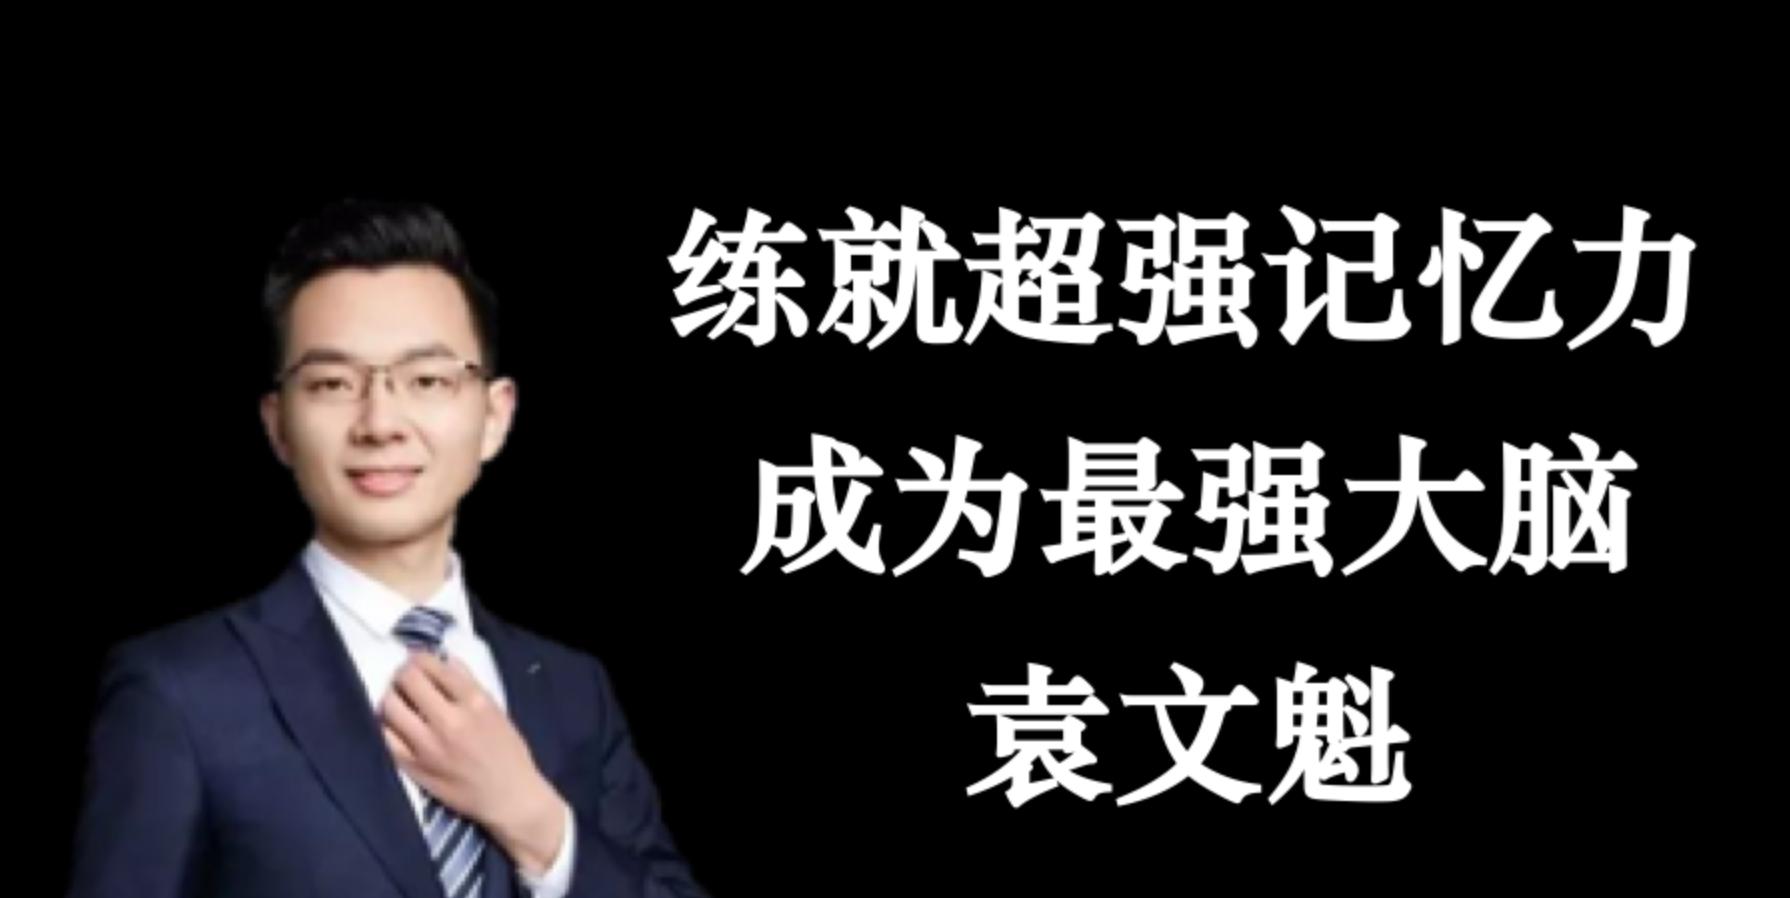 袁文魁:练就超强记忆力成为最强大脑,走上获取更强大脑之路!